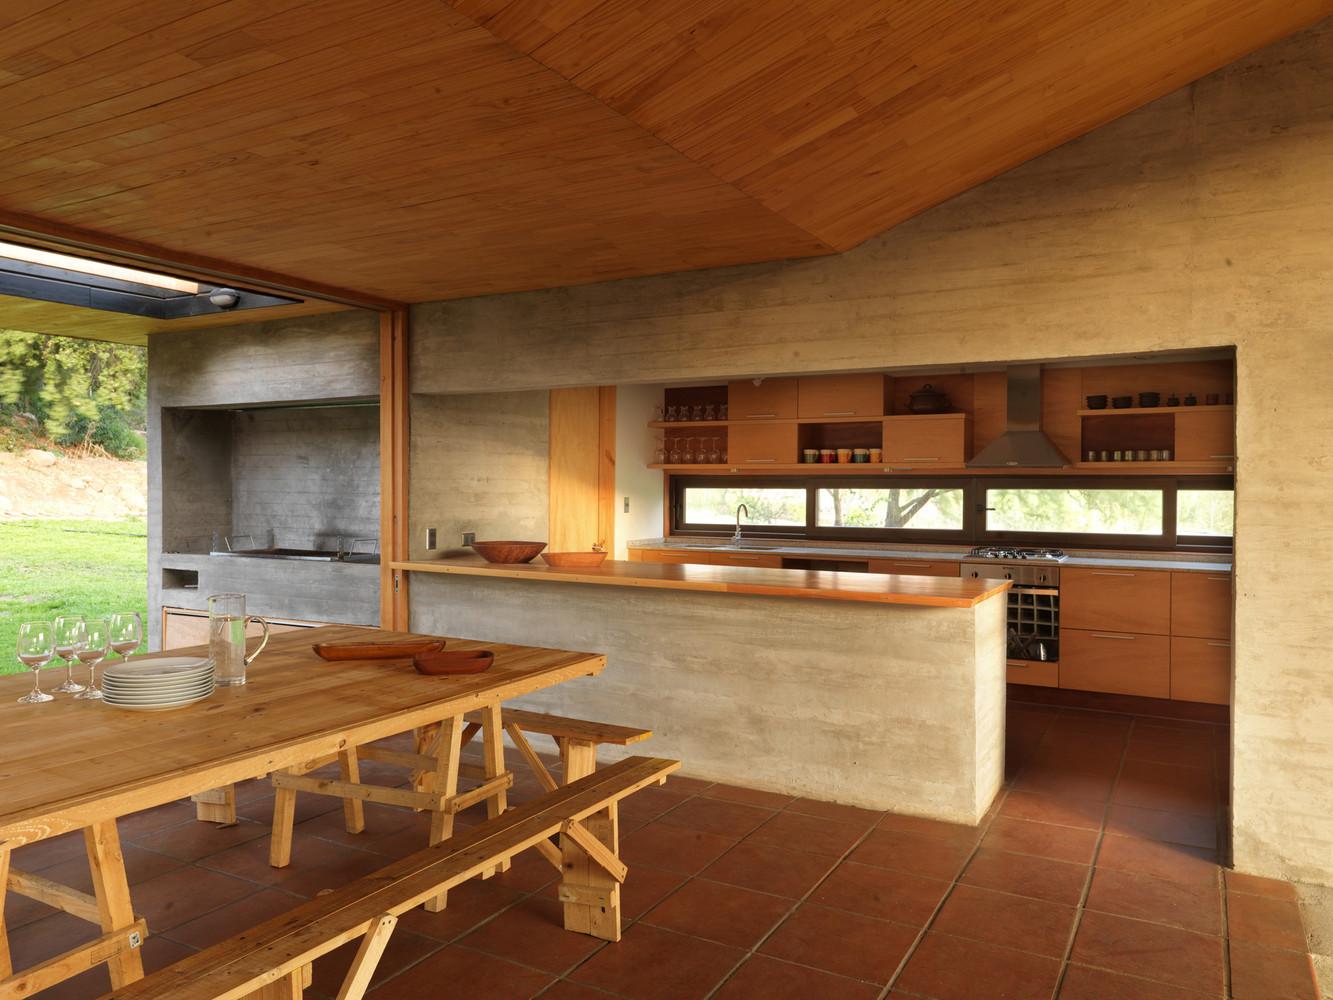 Galería de Cocinas: arquitectura y ejemplos de diseño - 6